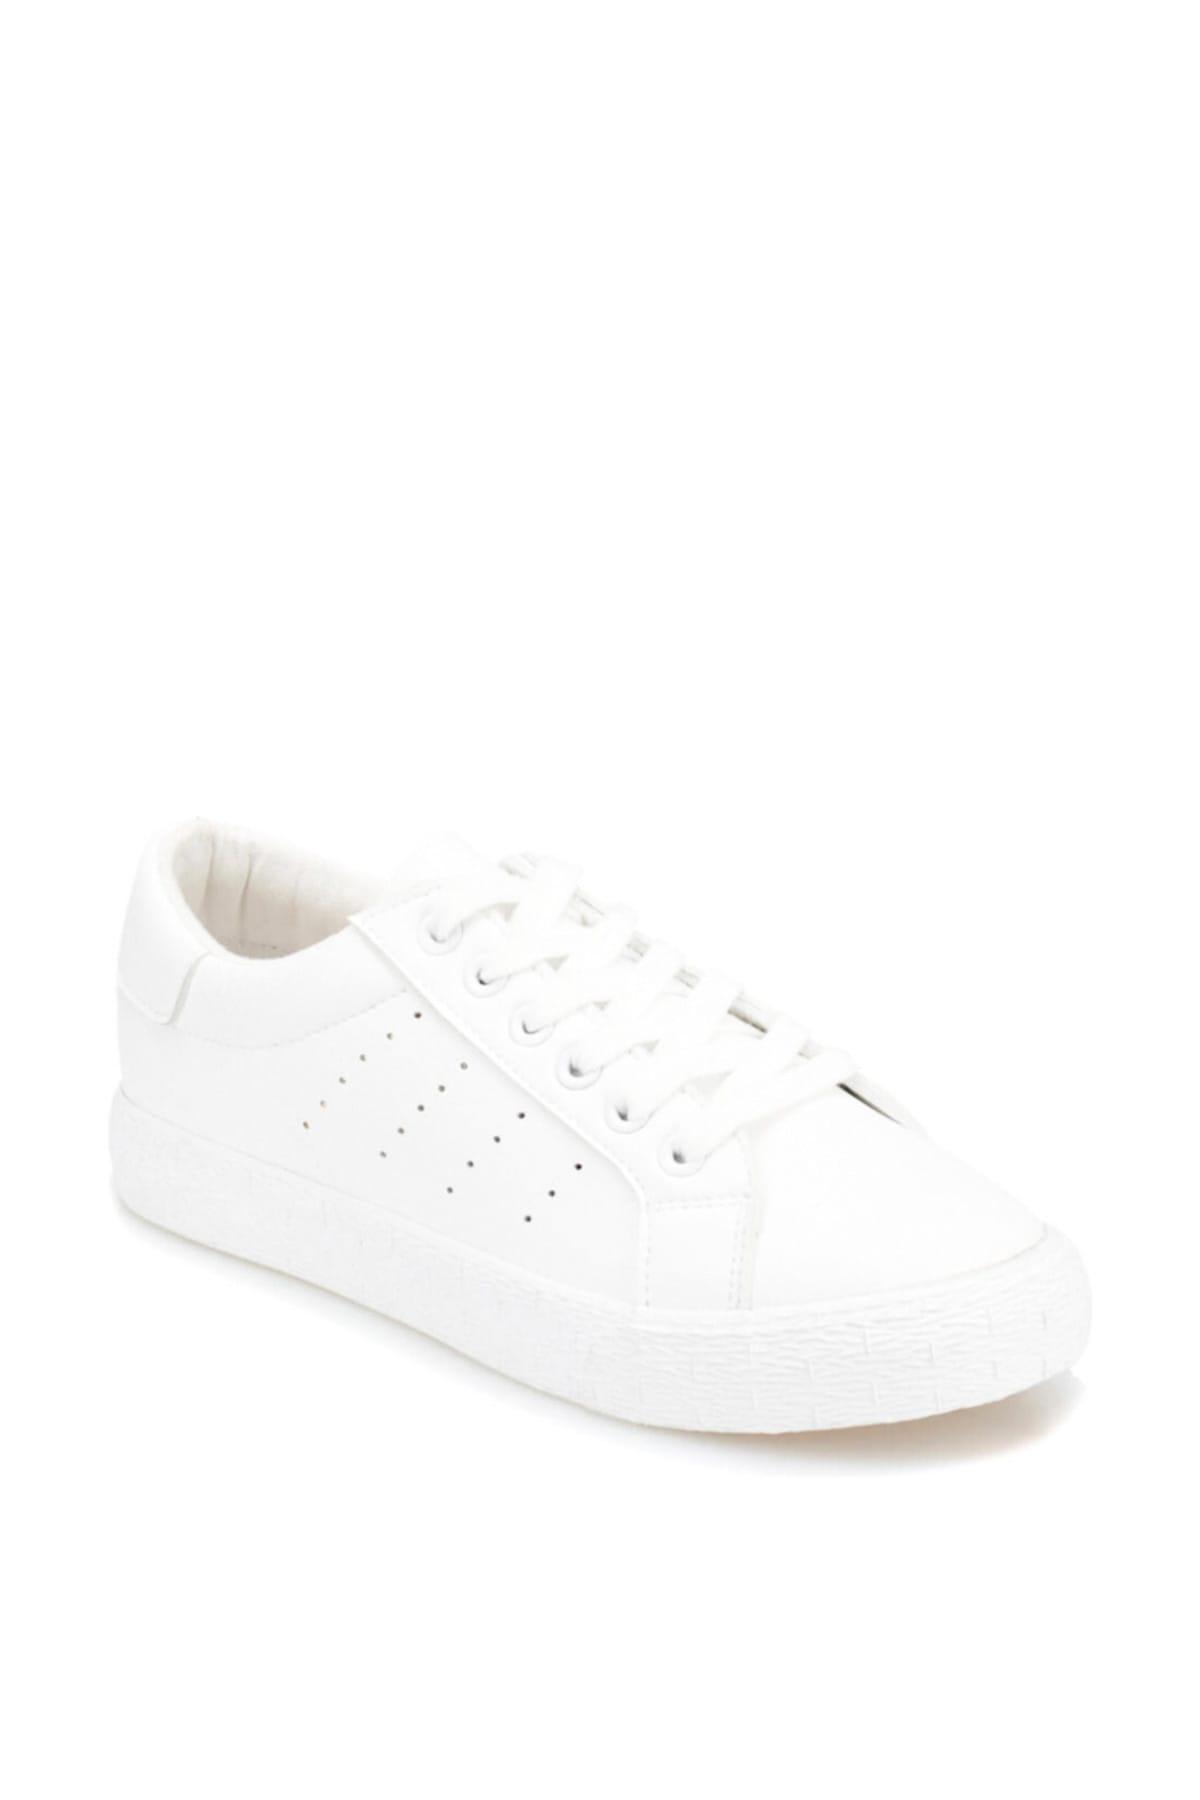 Kinetix POLIN Beyaz Kadın Ayakkabı 100314352 1